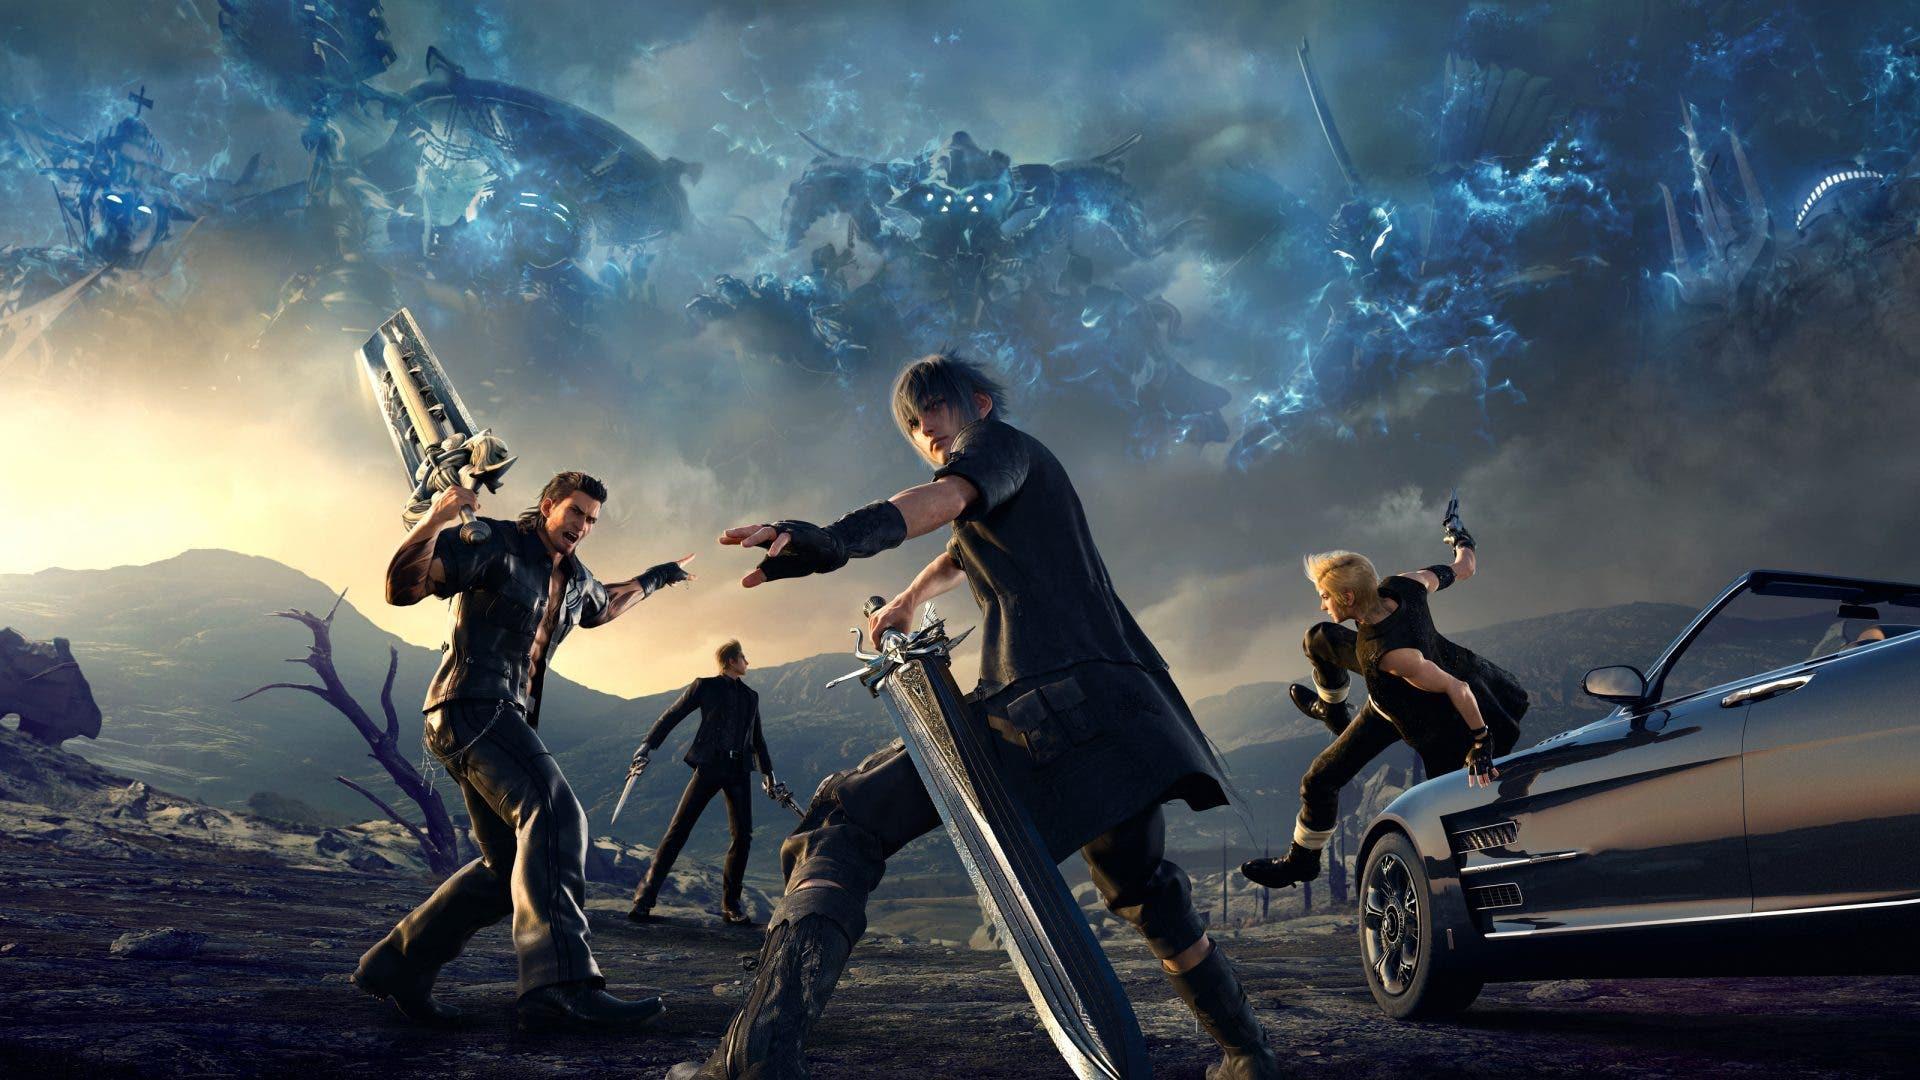 Imagen de Square Enix confirma el desarrollo de un nuevo Final Fantasy XV para dispositivos móviles